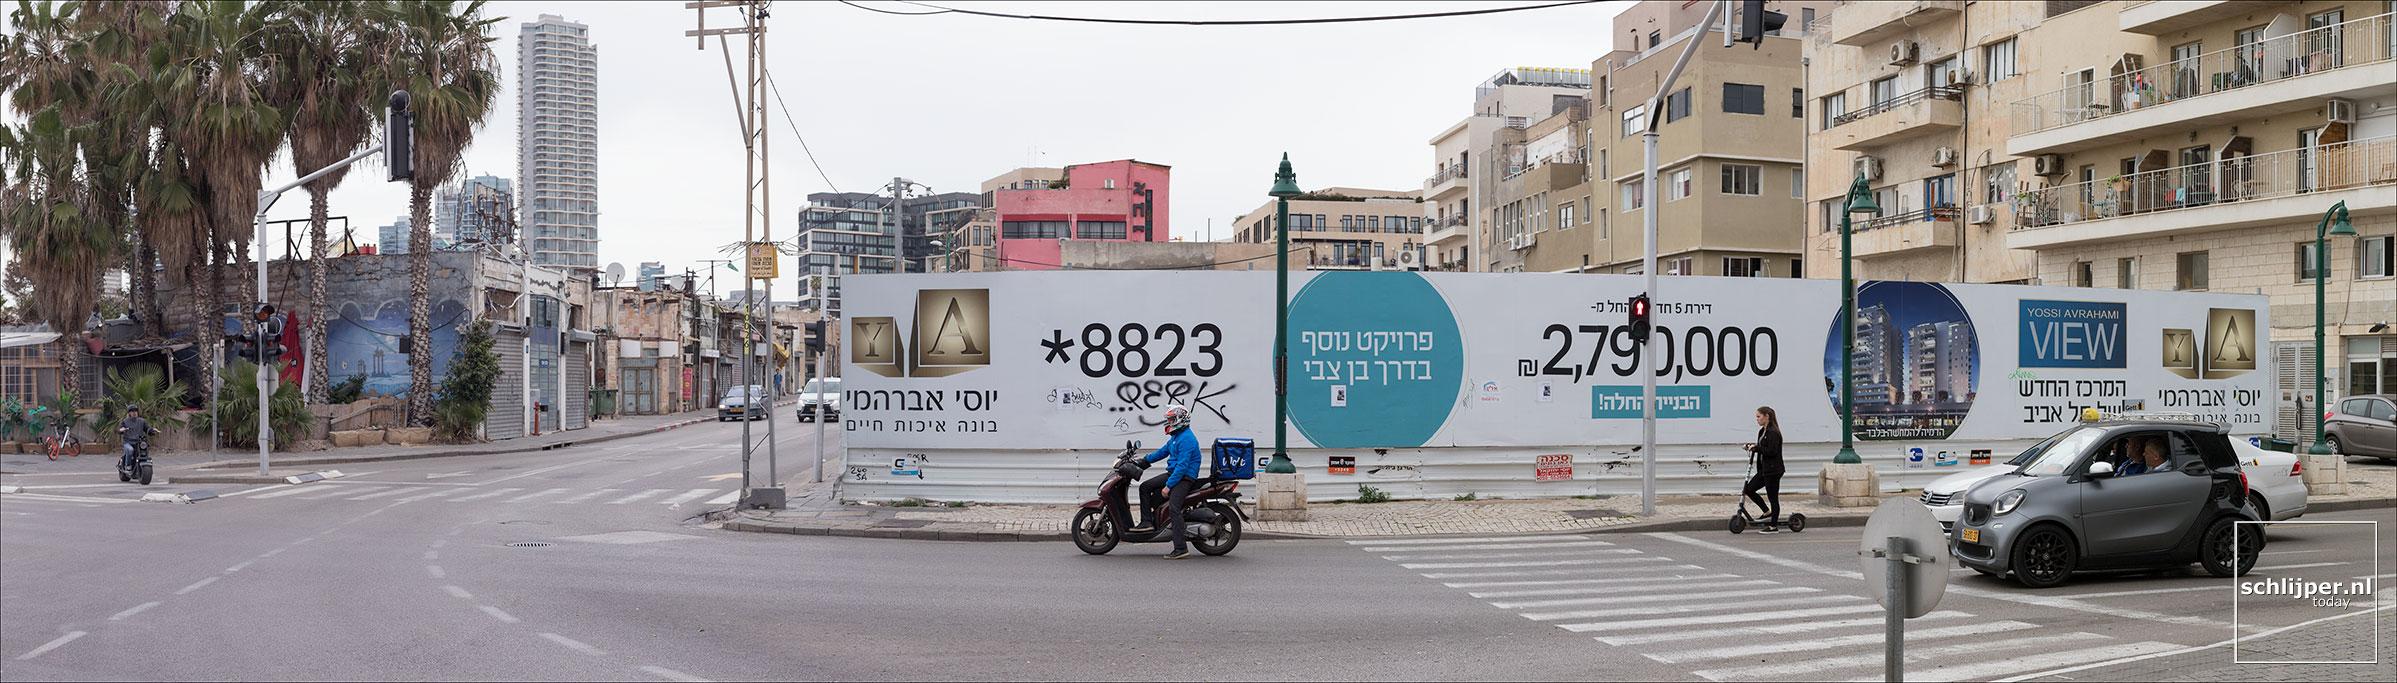 Israel, Tel Aviv, 29 maart 2019